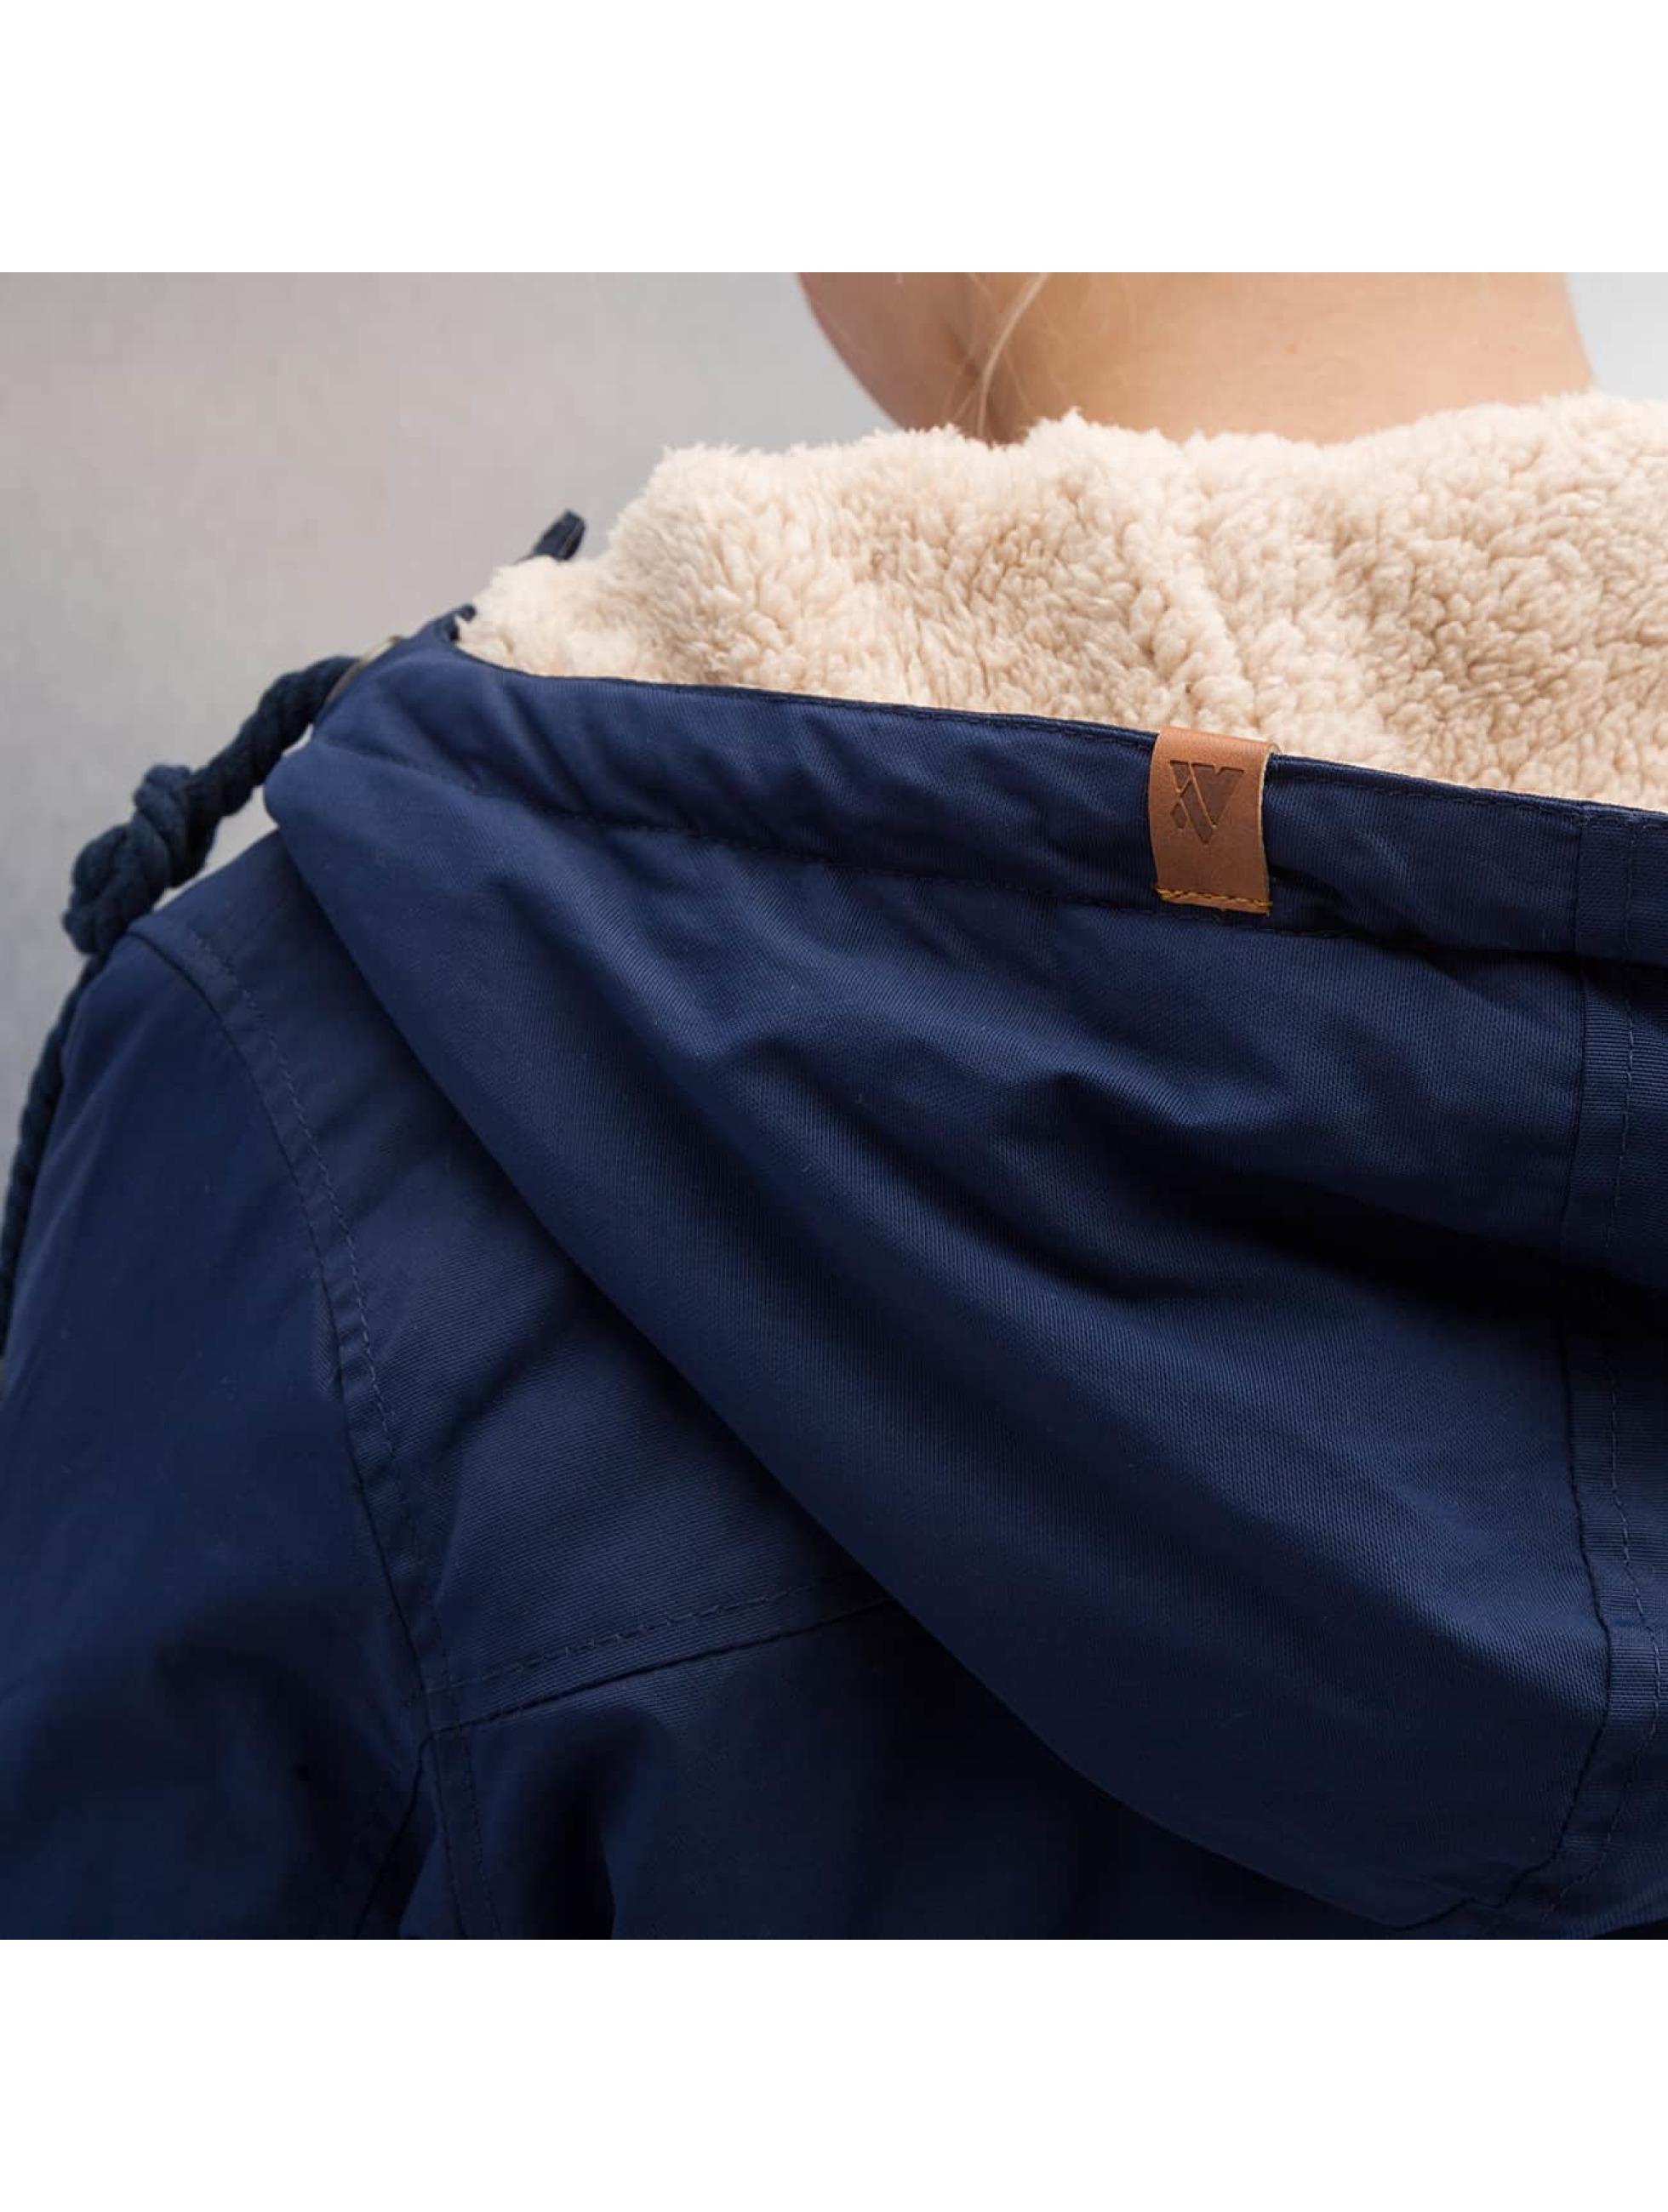 Alife & Kickin Демисезонная куртка Daryl синий